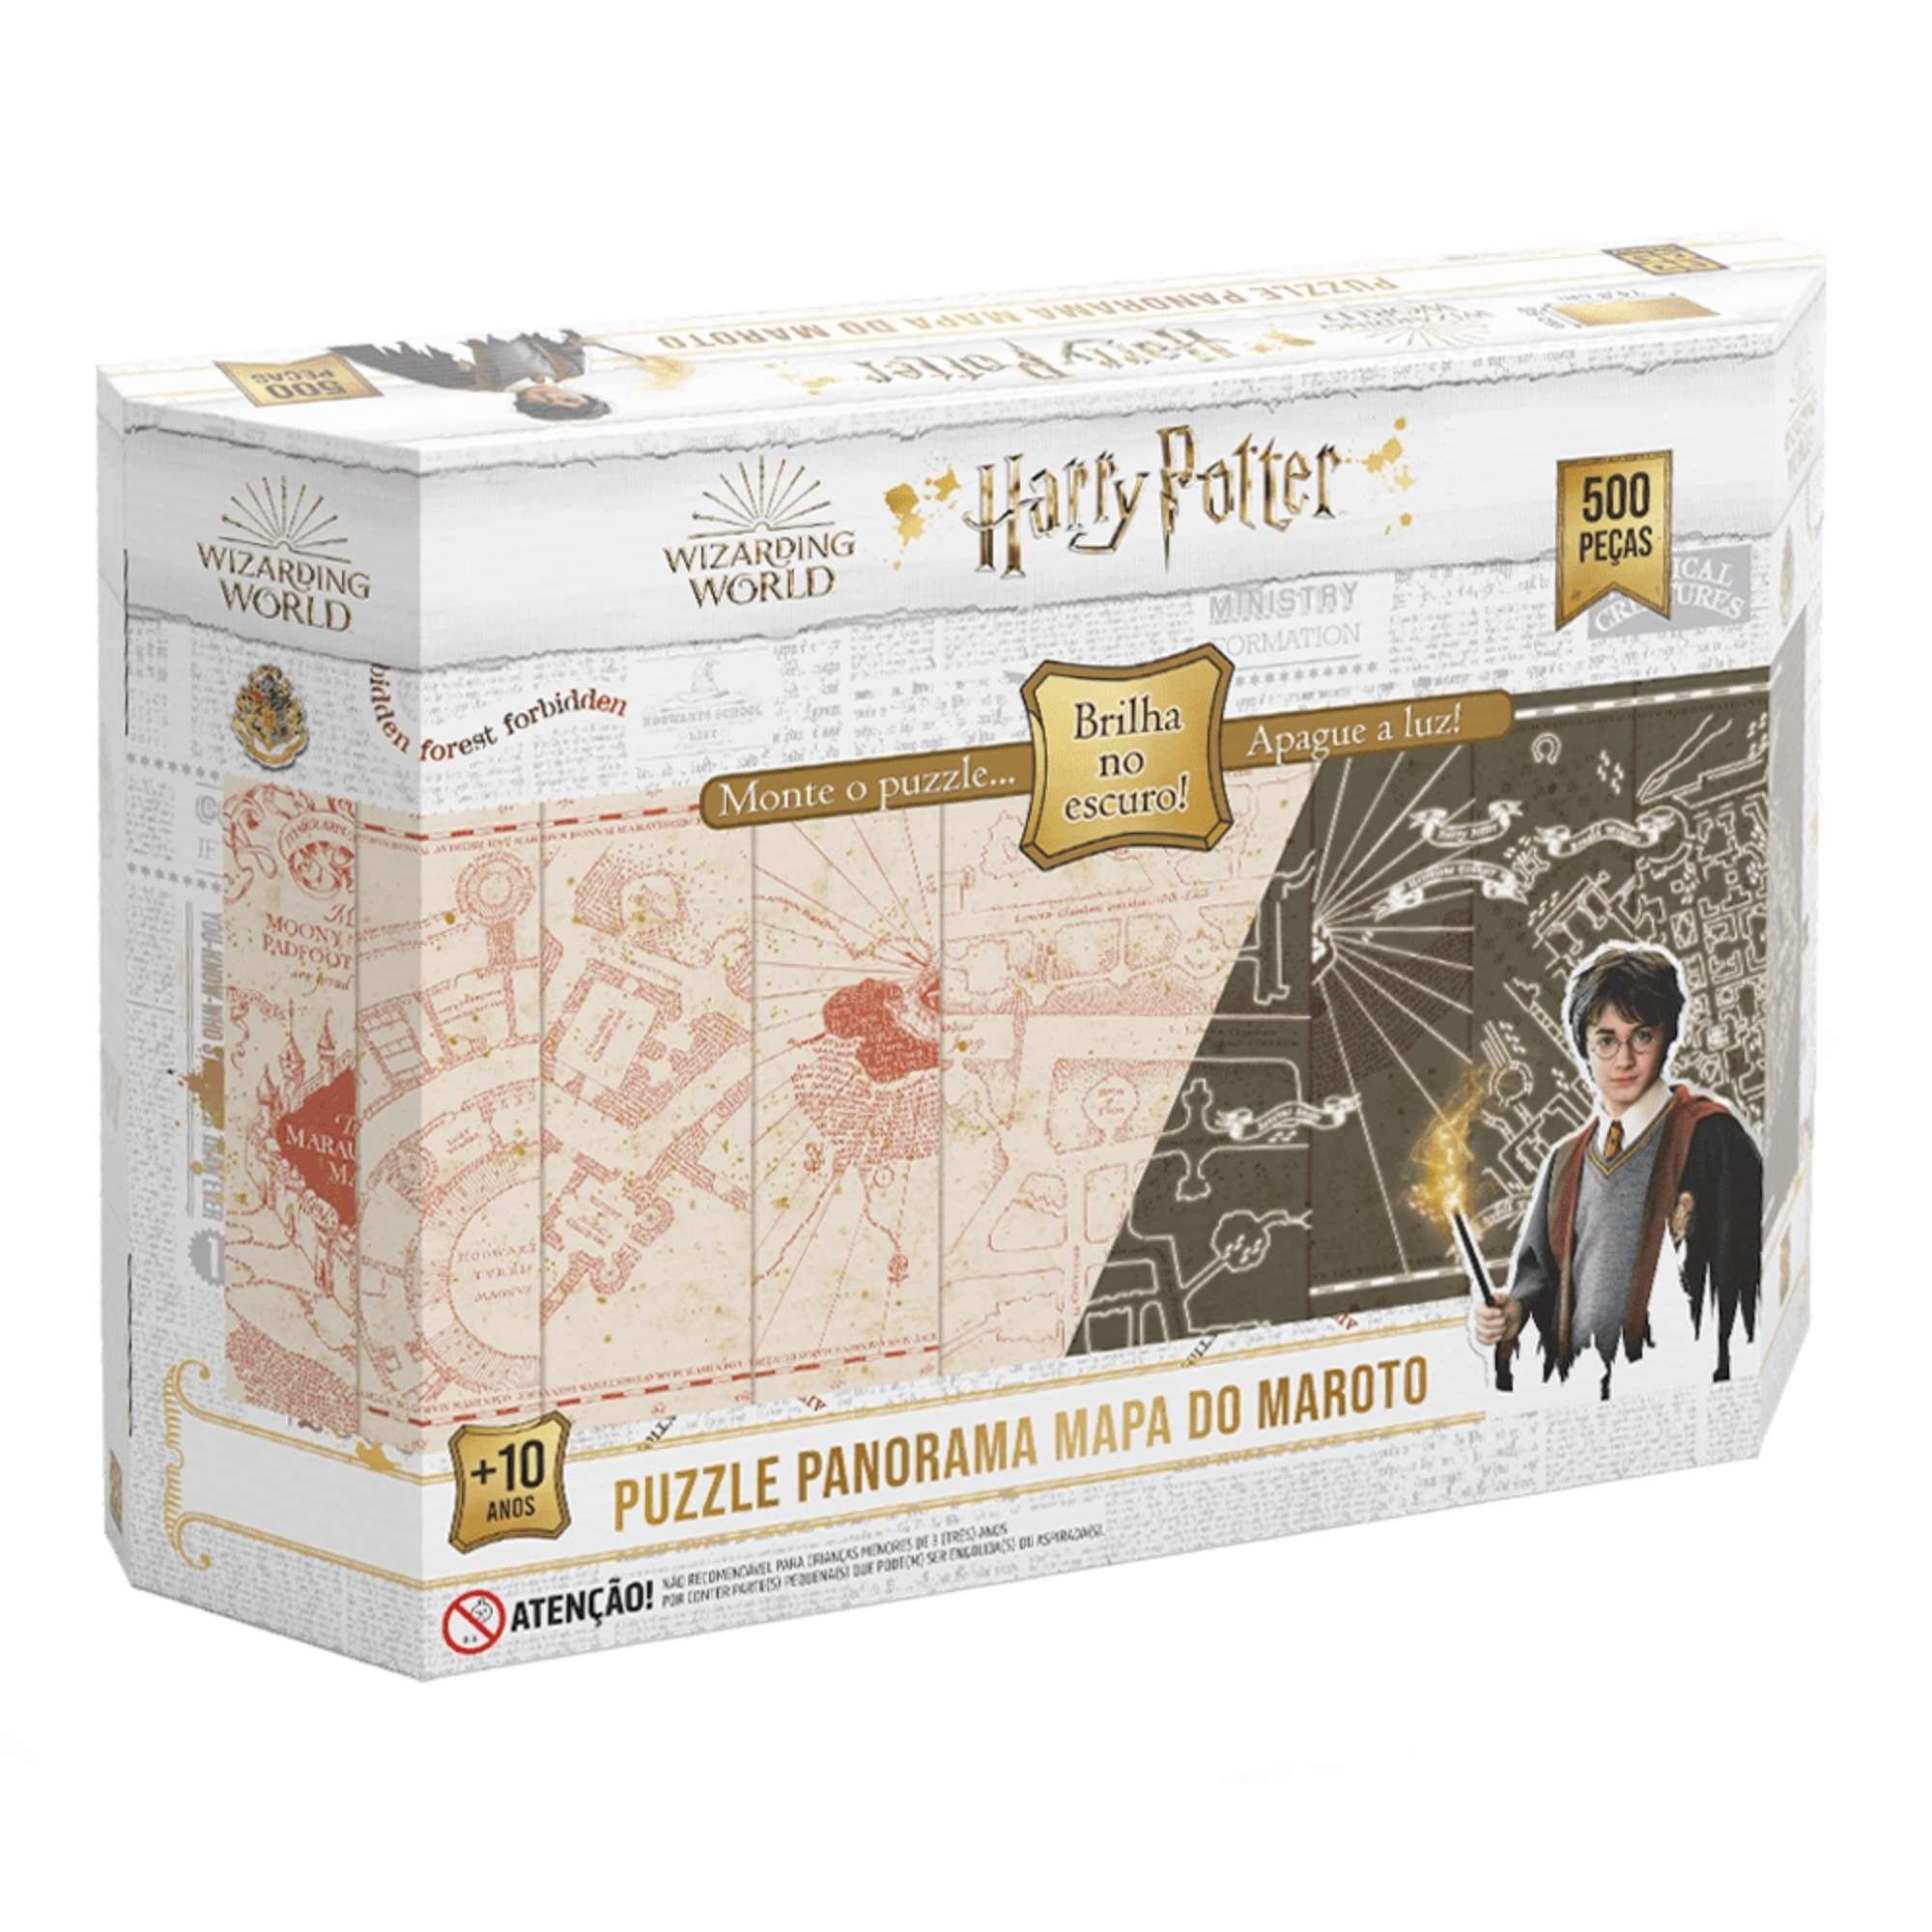 Quebra-Cabeça Panorâmico Mapa do Maroto Harry Potter Brilha no Escuro 500 Peças